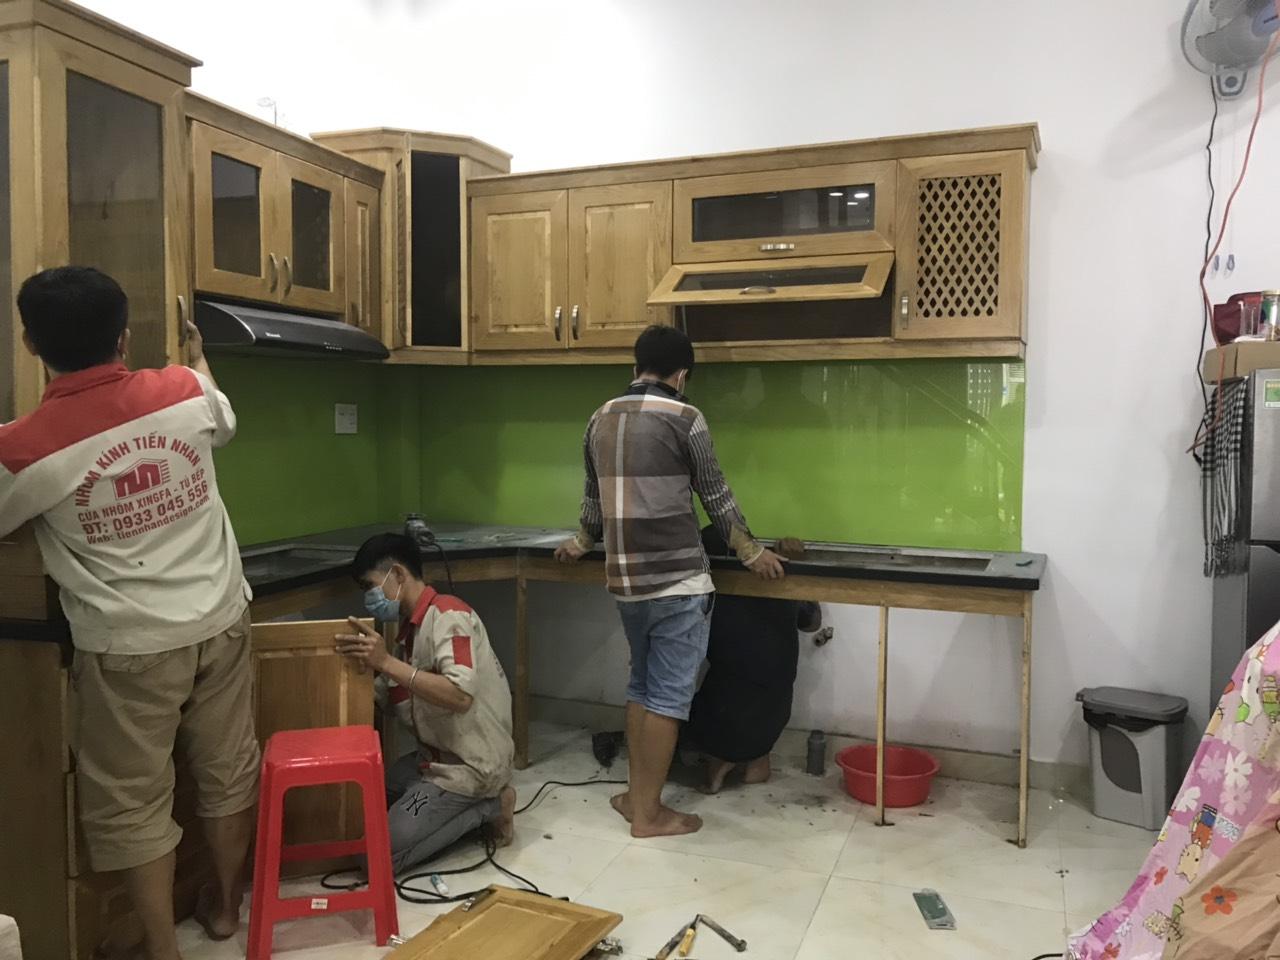 thay tủ bếp gỗ bằng tủ bếp nhôm kính